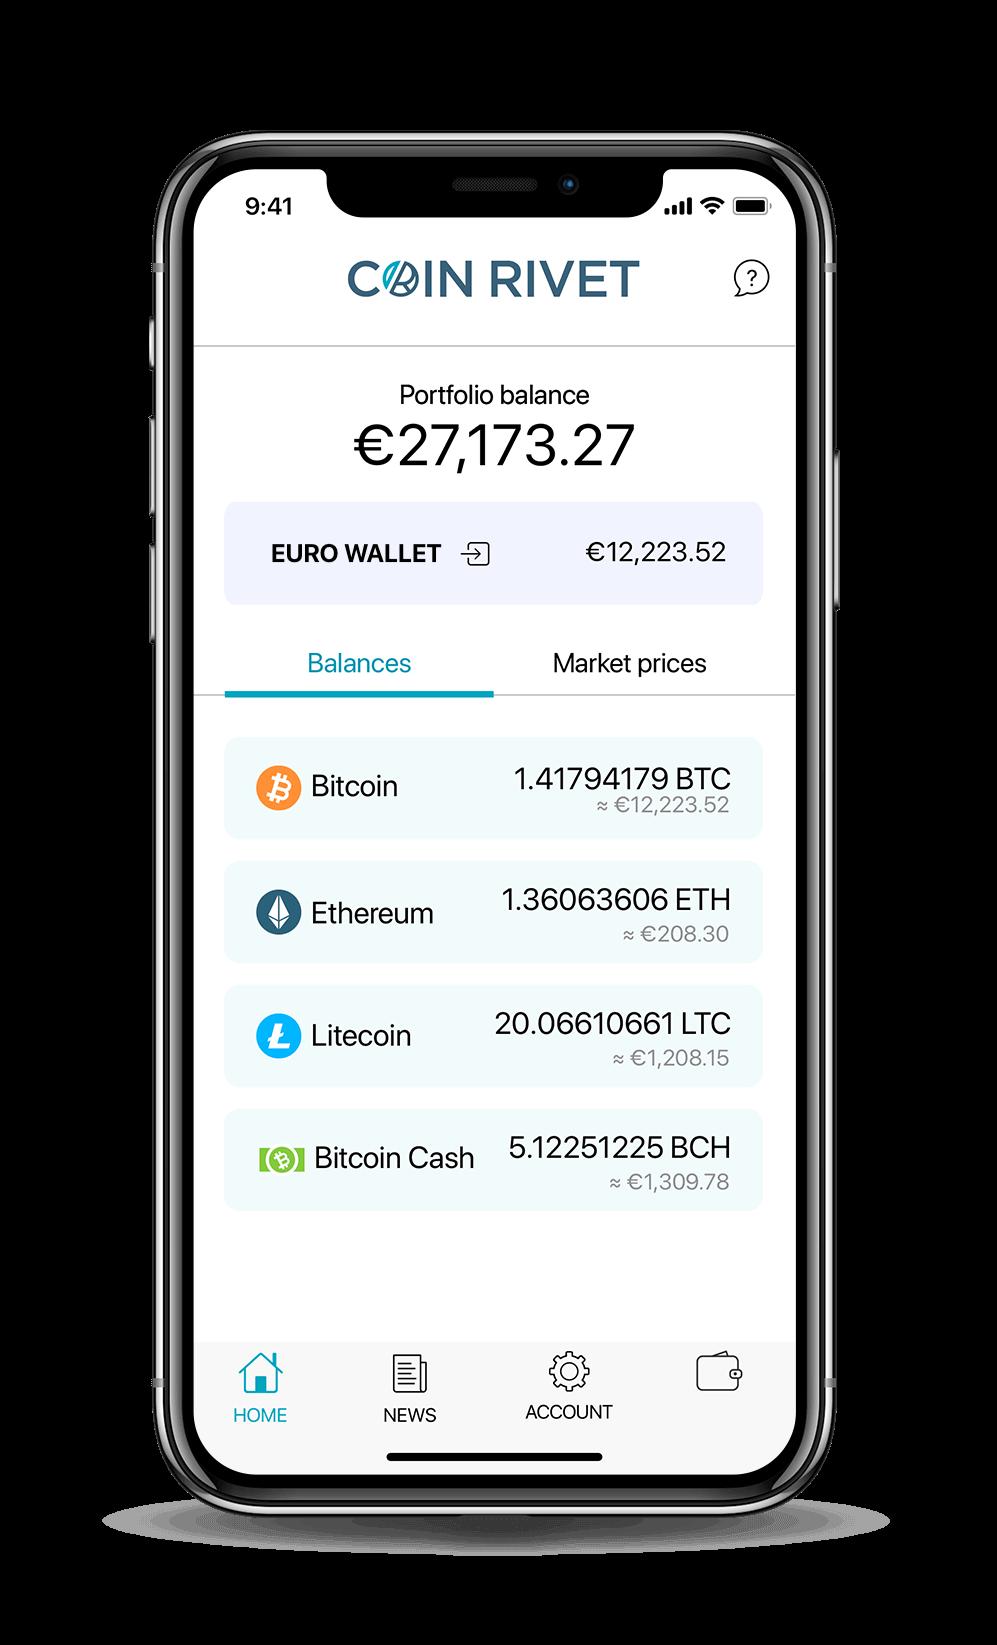 Coin Rivet App Screenshot